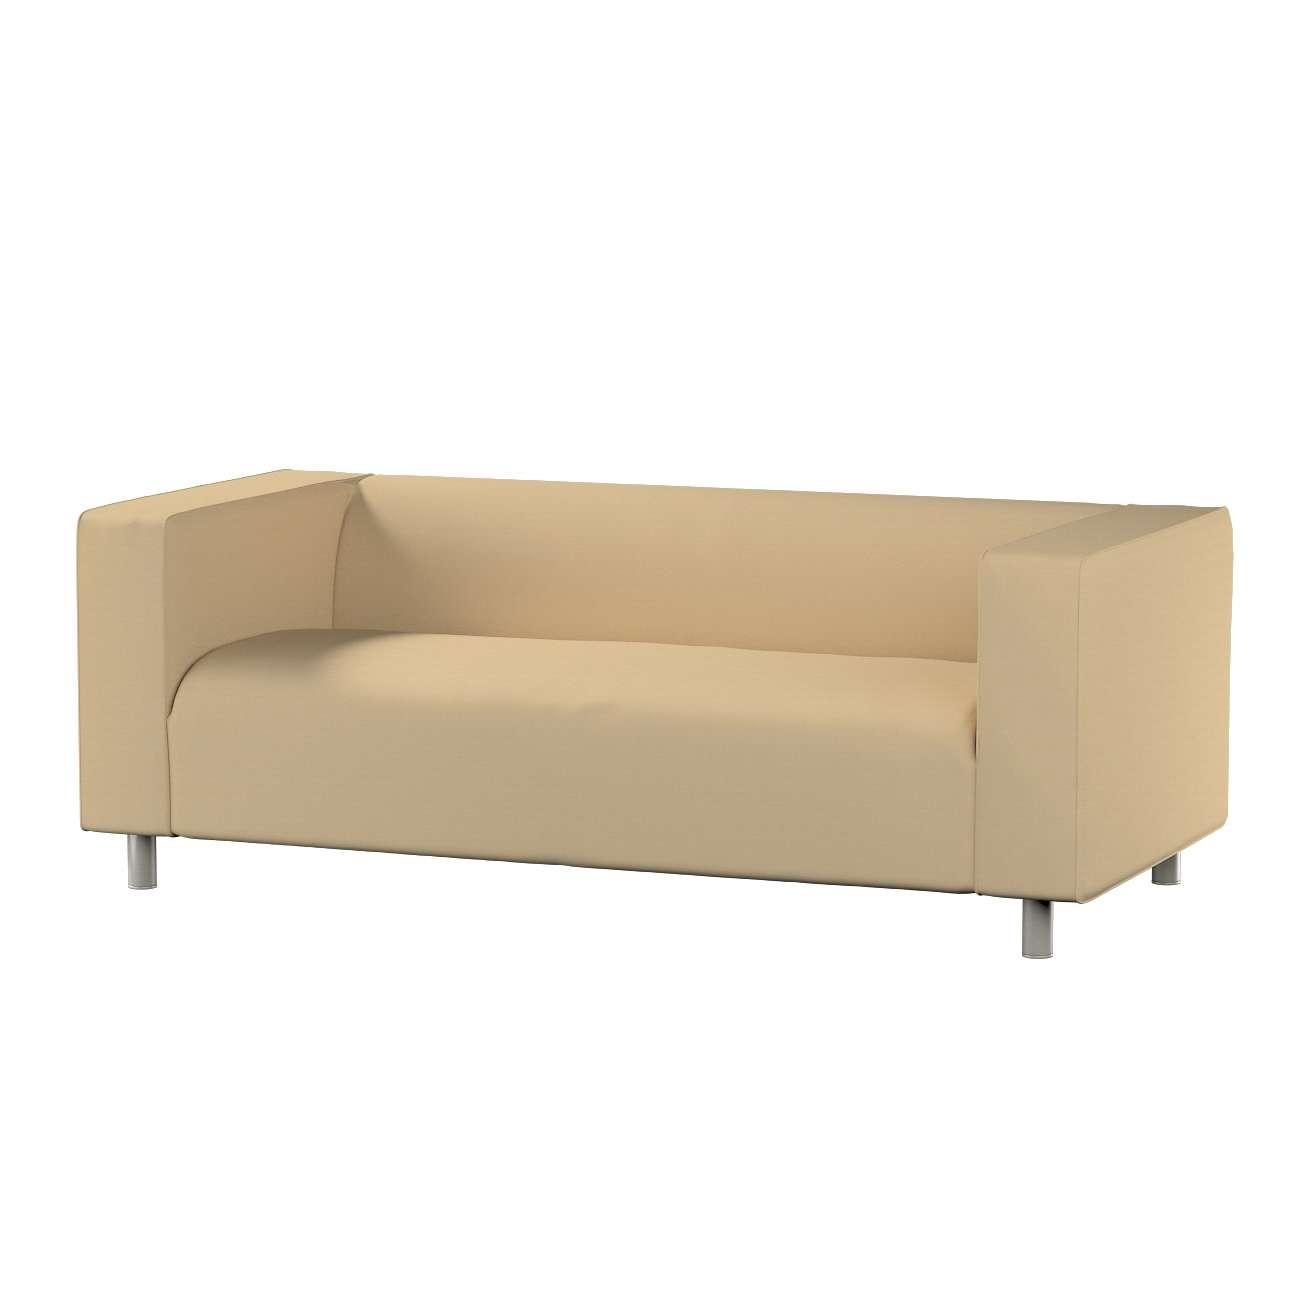 Pokrowiec na sofę Klippan 2-osobową Sofa Klippan 2-osobowa w kolekcji Cotton Panama, tkanina: 702-01